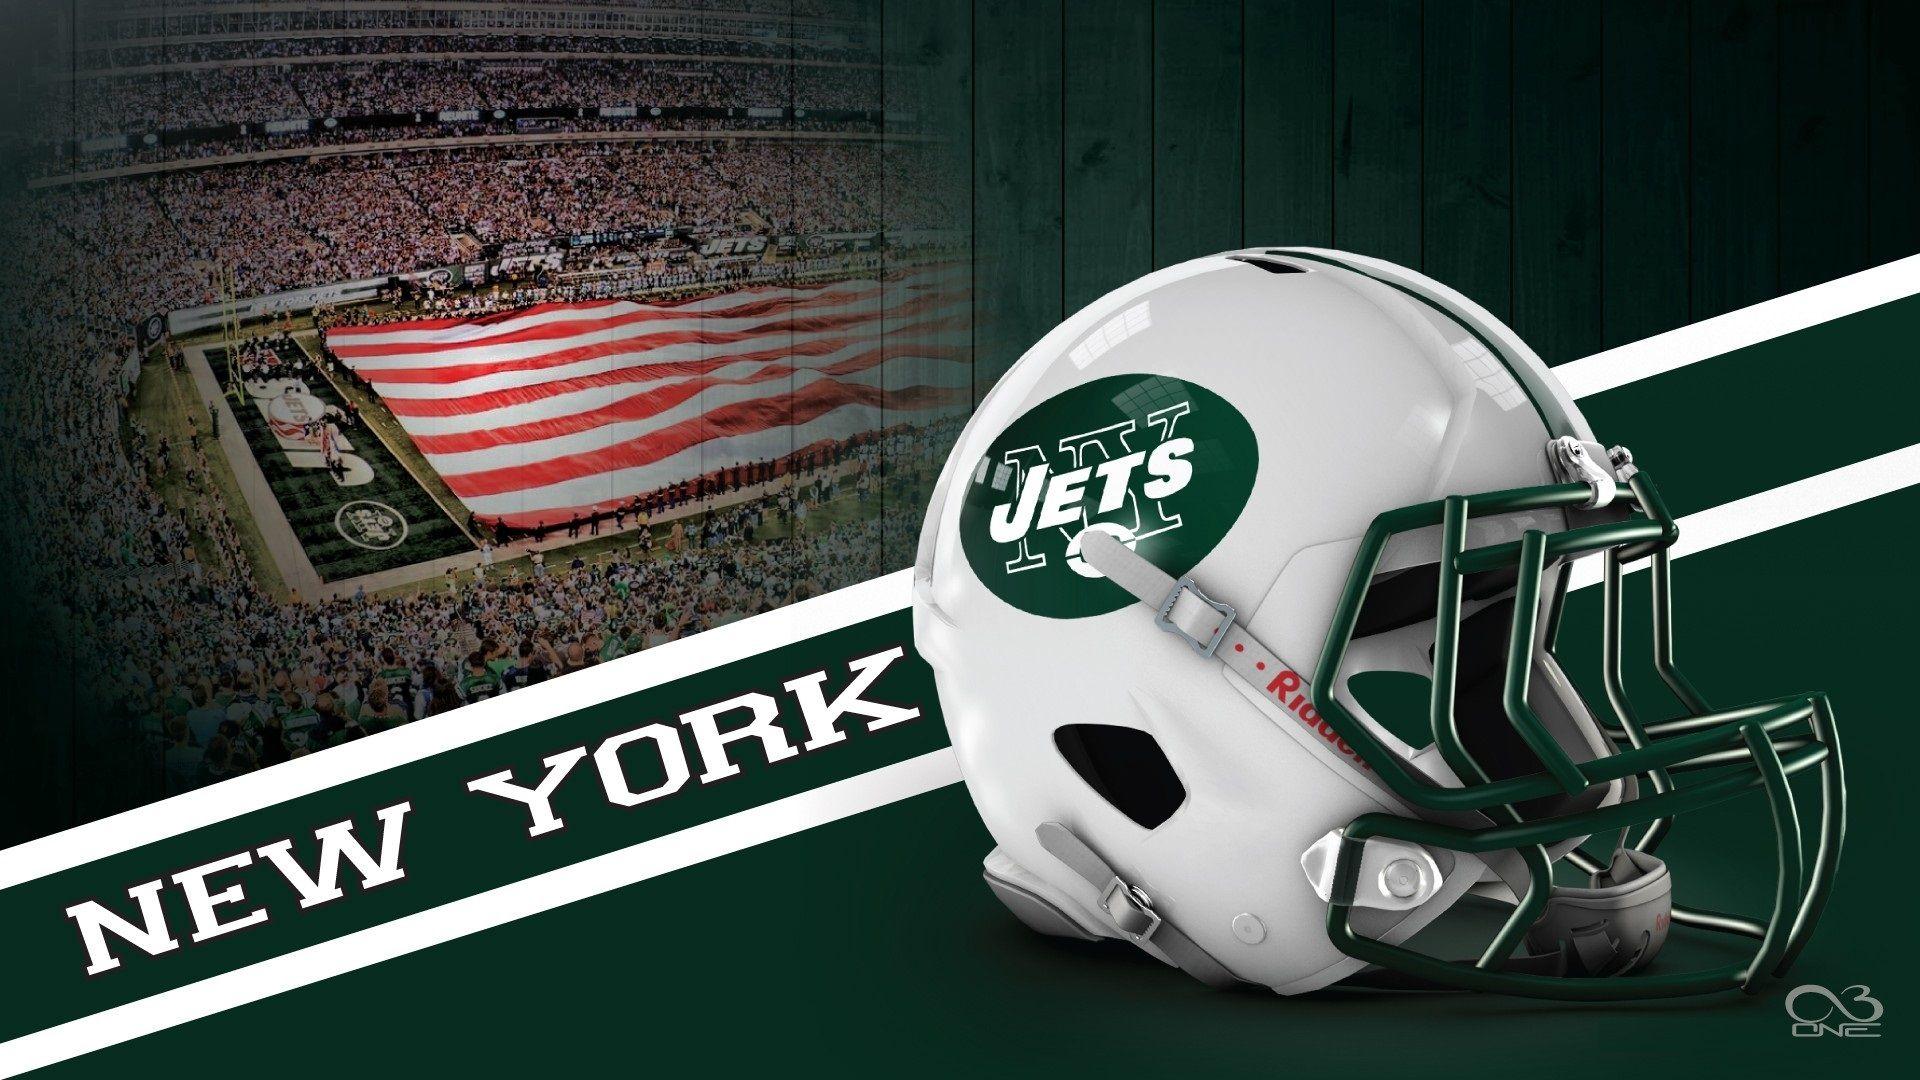 New York Jets For Desktop Wallpaper New York Jets New York Jets Football Ny Jets